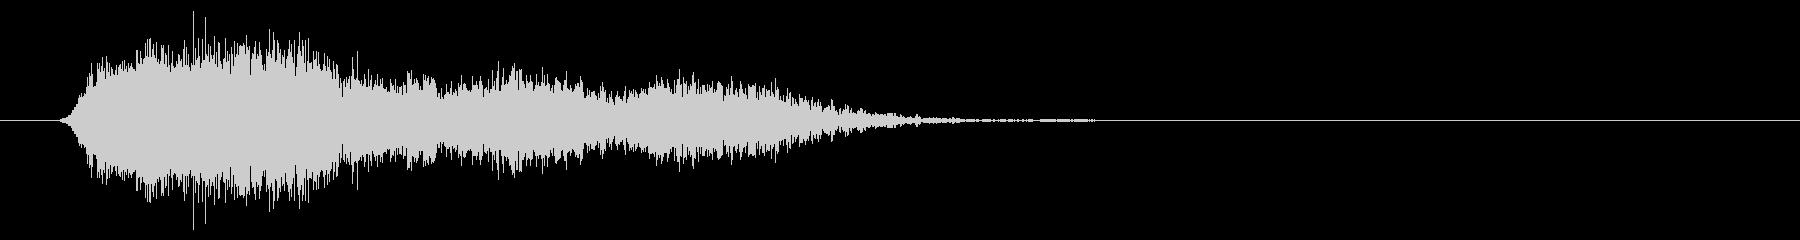 シマー、フェーズを使用した電子下降の未再生の波形